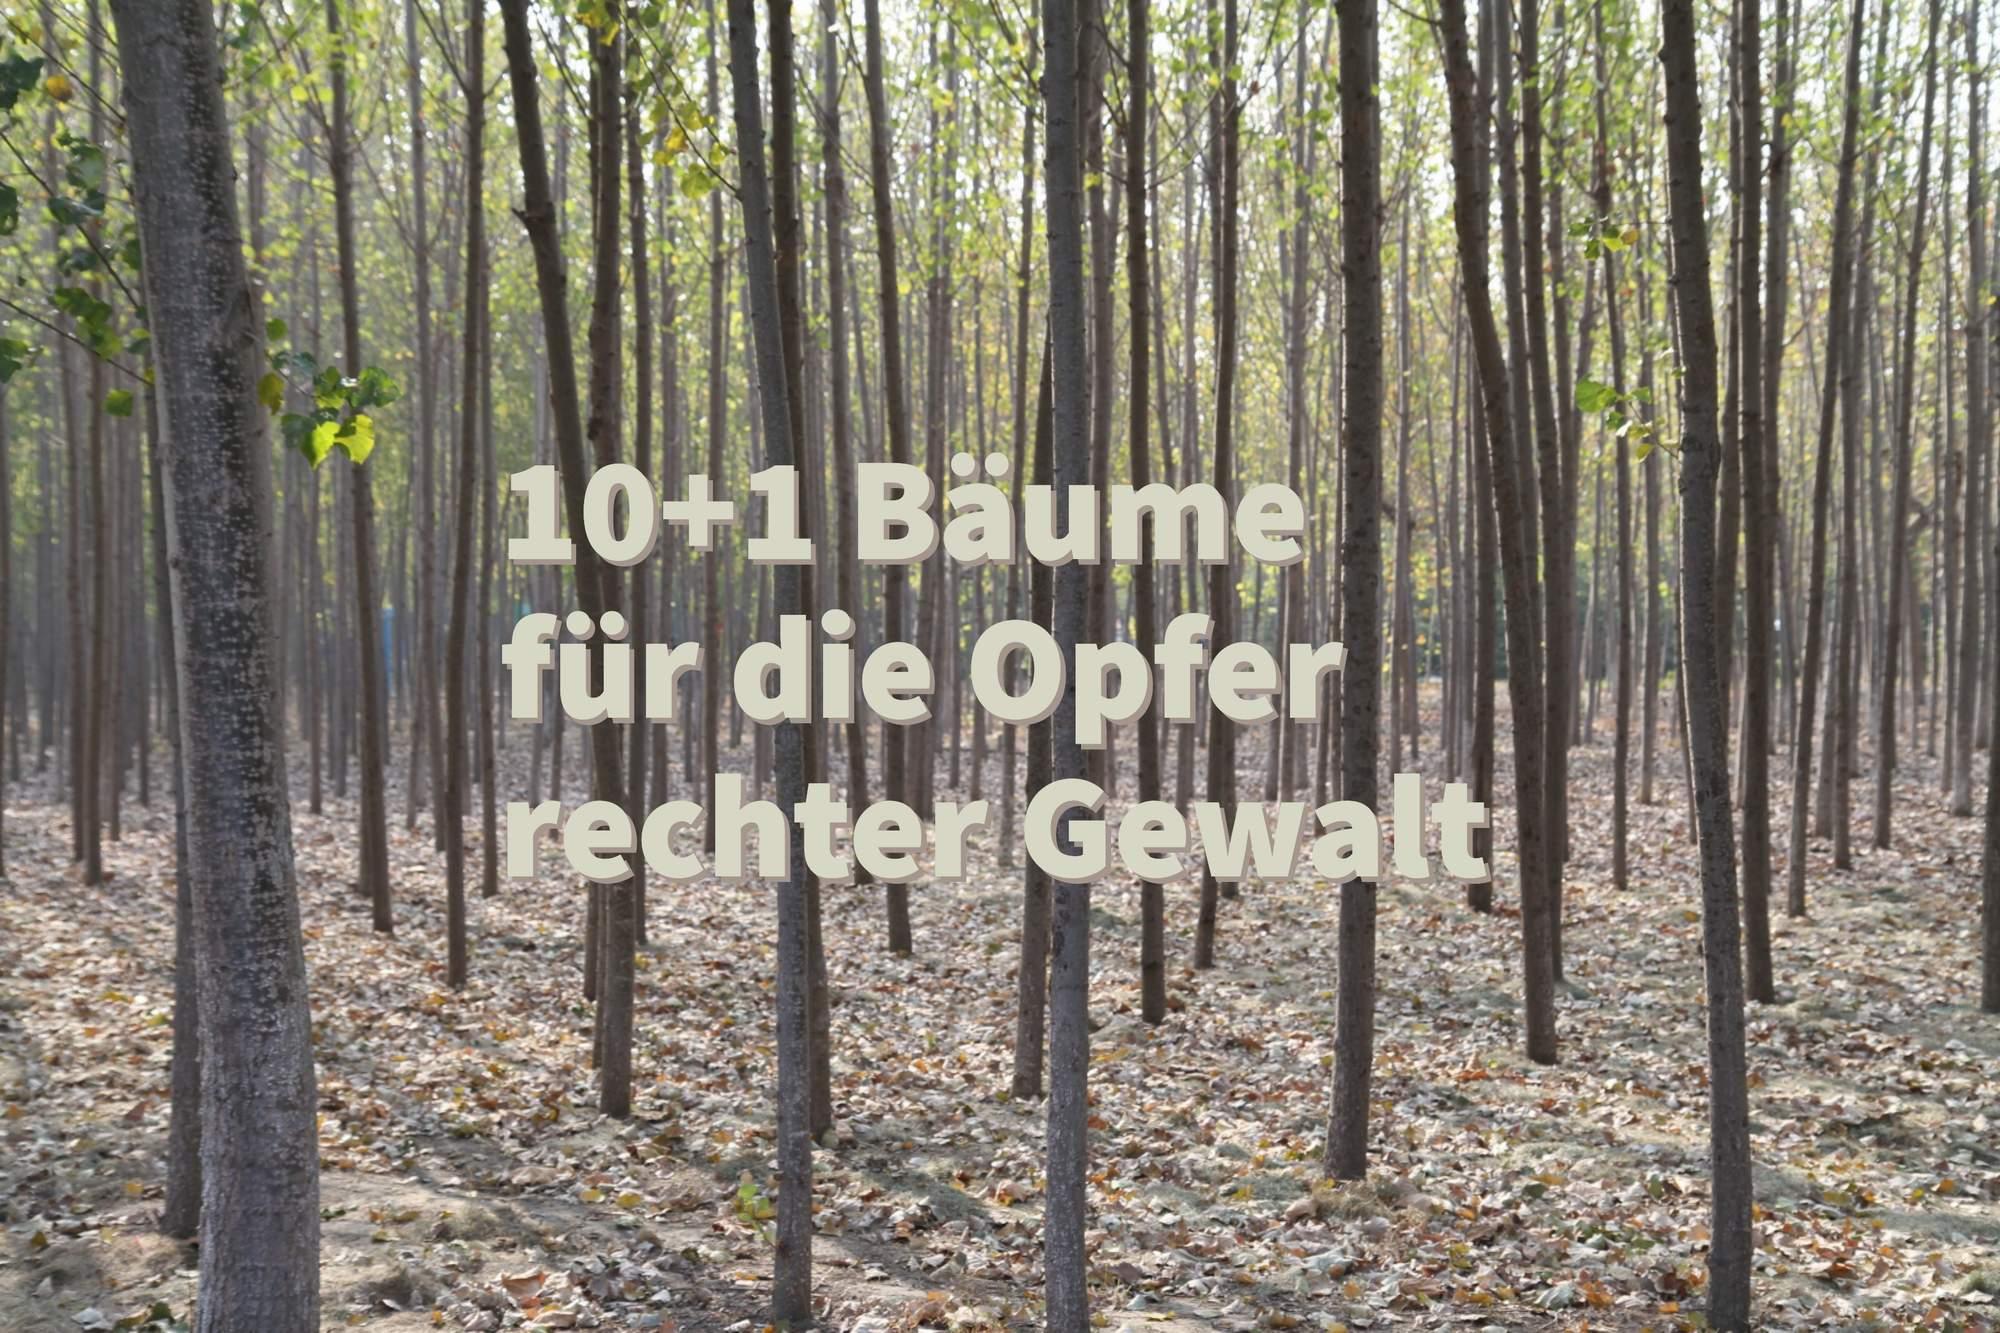 10+1 Bäume: Ein Mahnmal für die Opfer rechter Gewalt